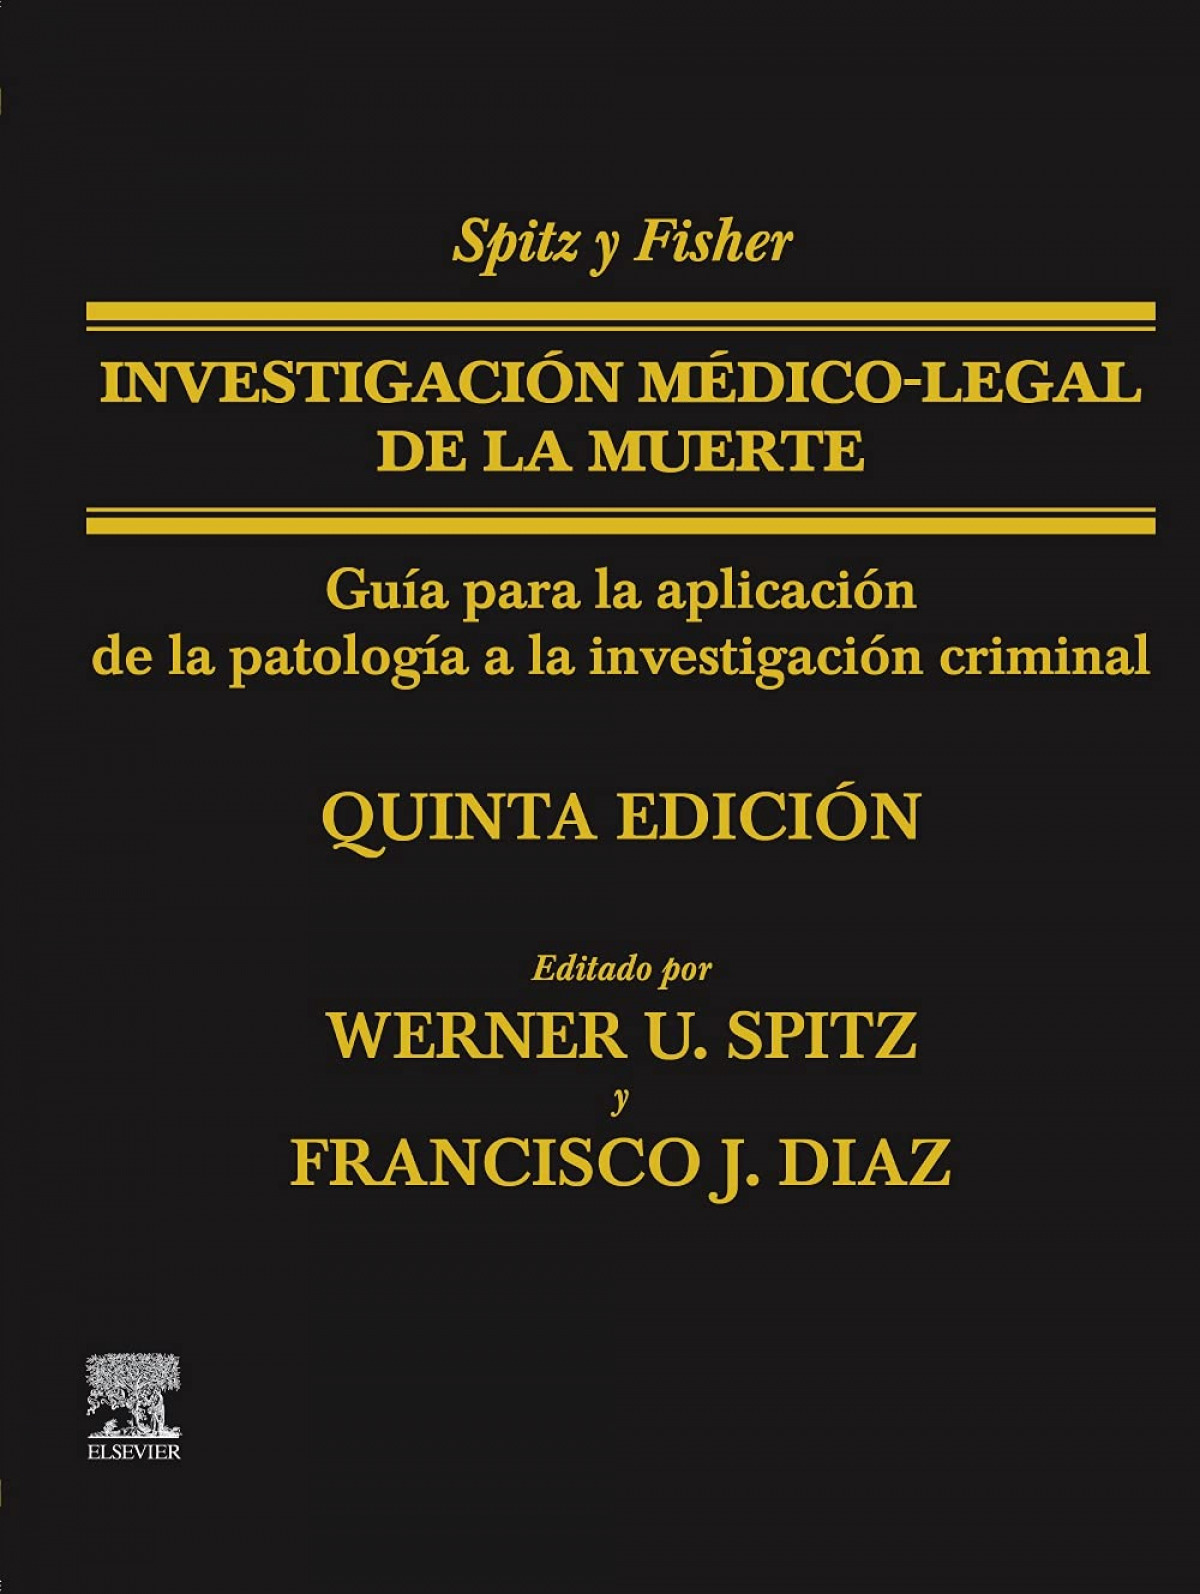 Spitz y Fisher. Investigación médico-legal de la muerte (5ª ed.)